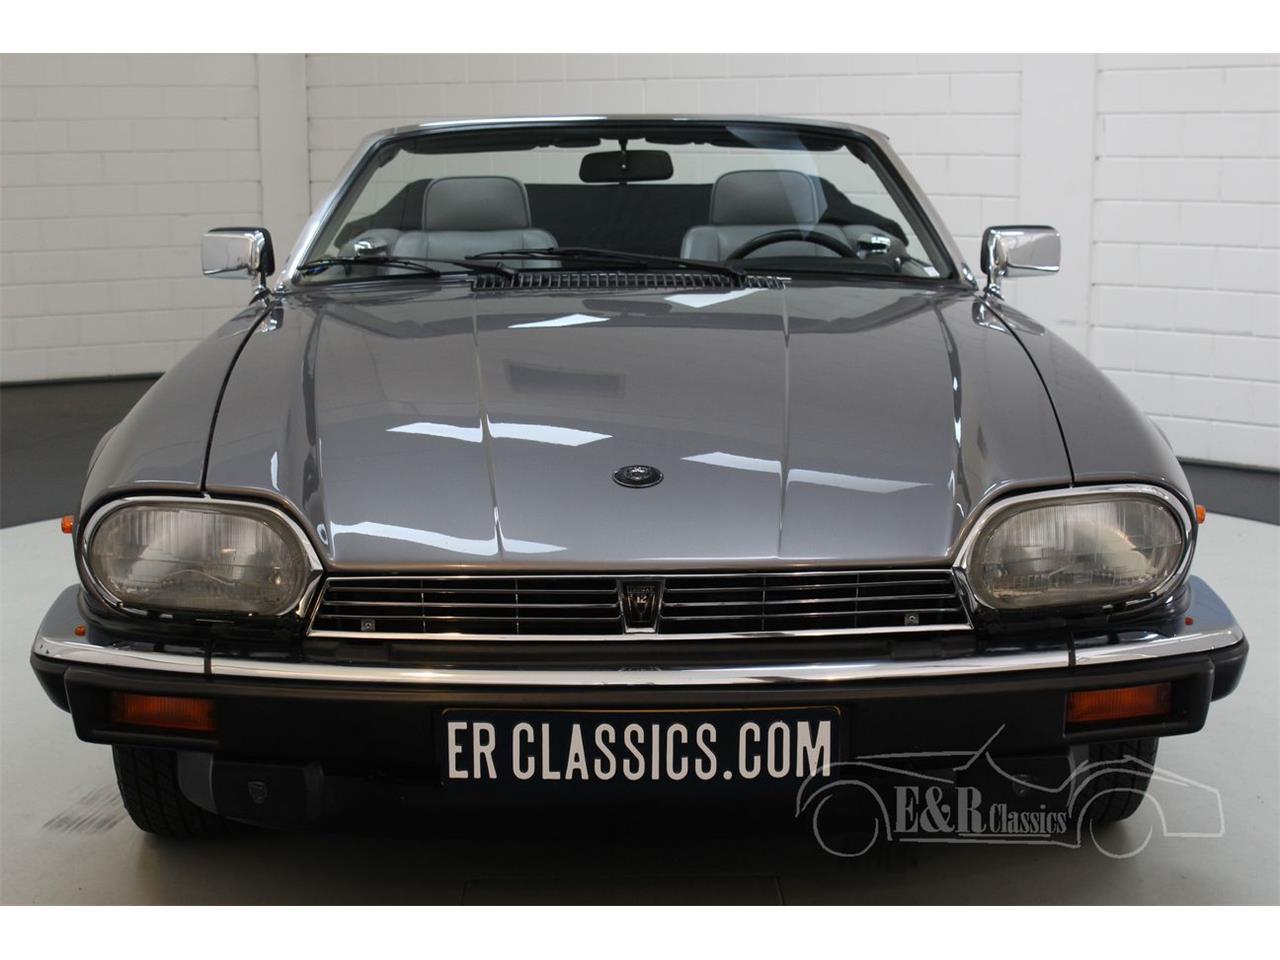 Large Picture of '91 Jaguar XJS - $39,050.00 - QQJ7